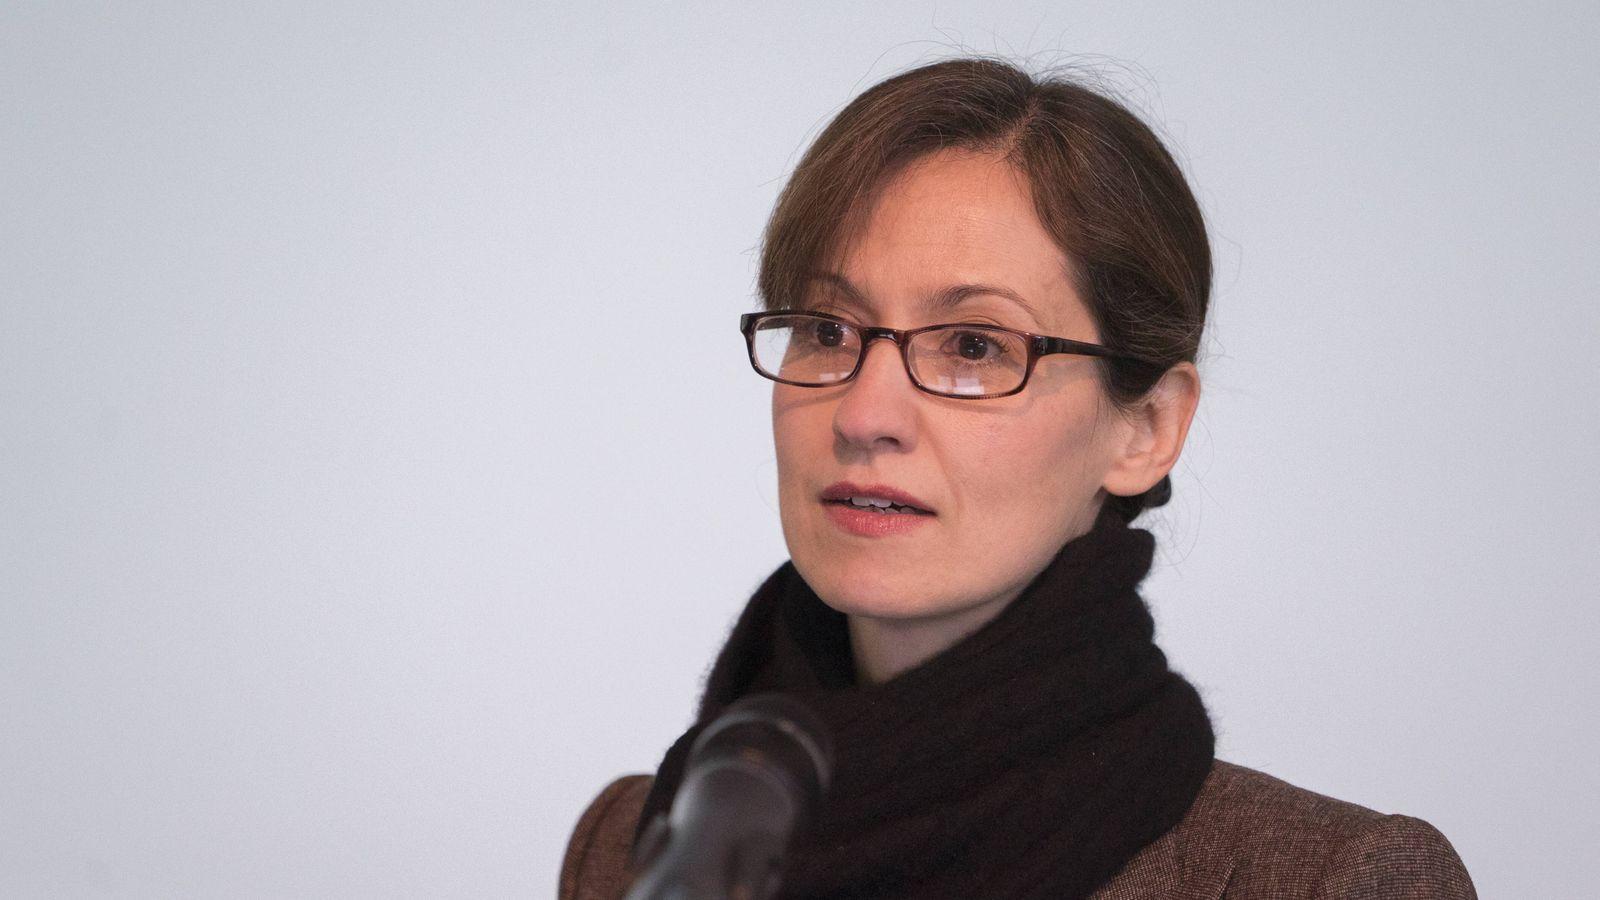 Dr Paula Diehl Politikwissenschaftlerin Dr Paula Diehl referiert am Zentrum f¸r interdisziplin?re